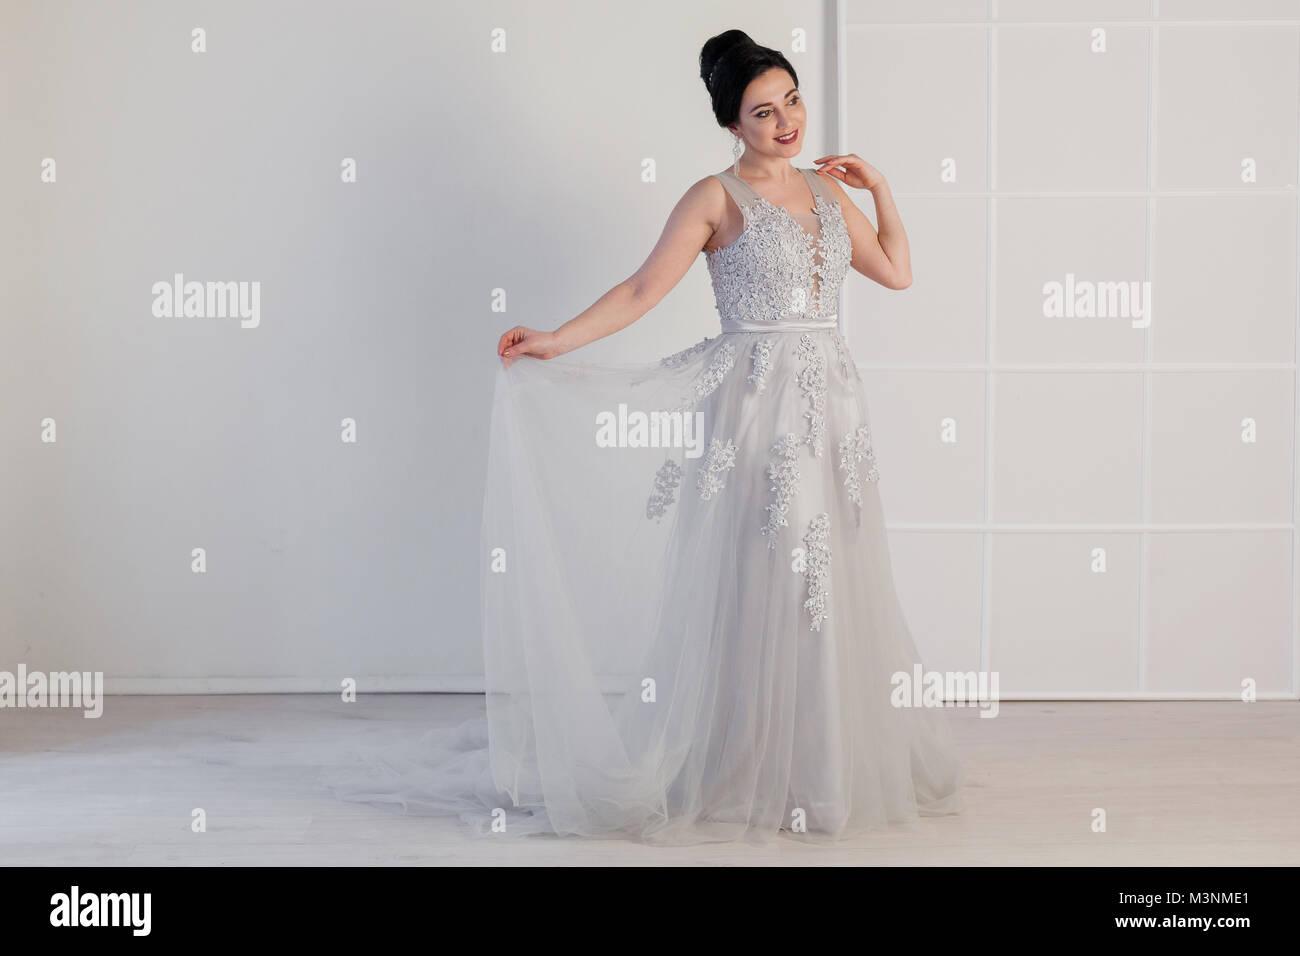 Wedding Dress In Shop Window Imágenes De Stock & Wedding Dress In ...